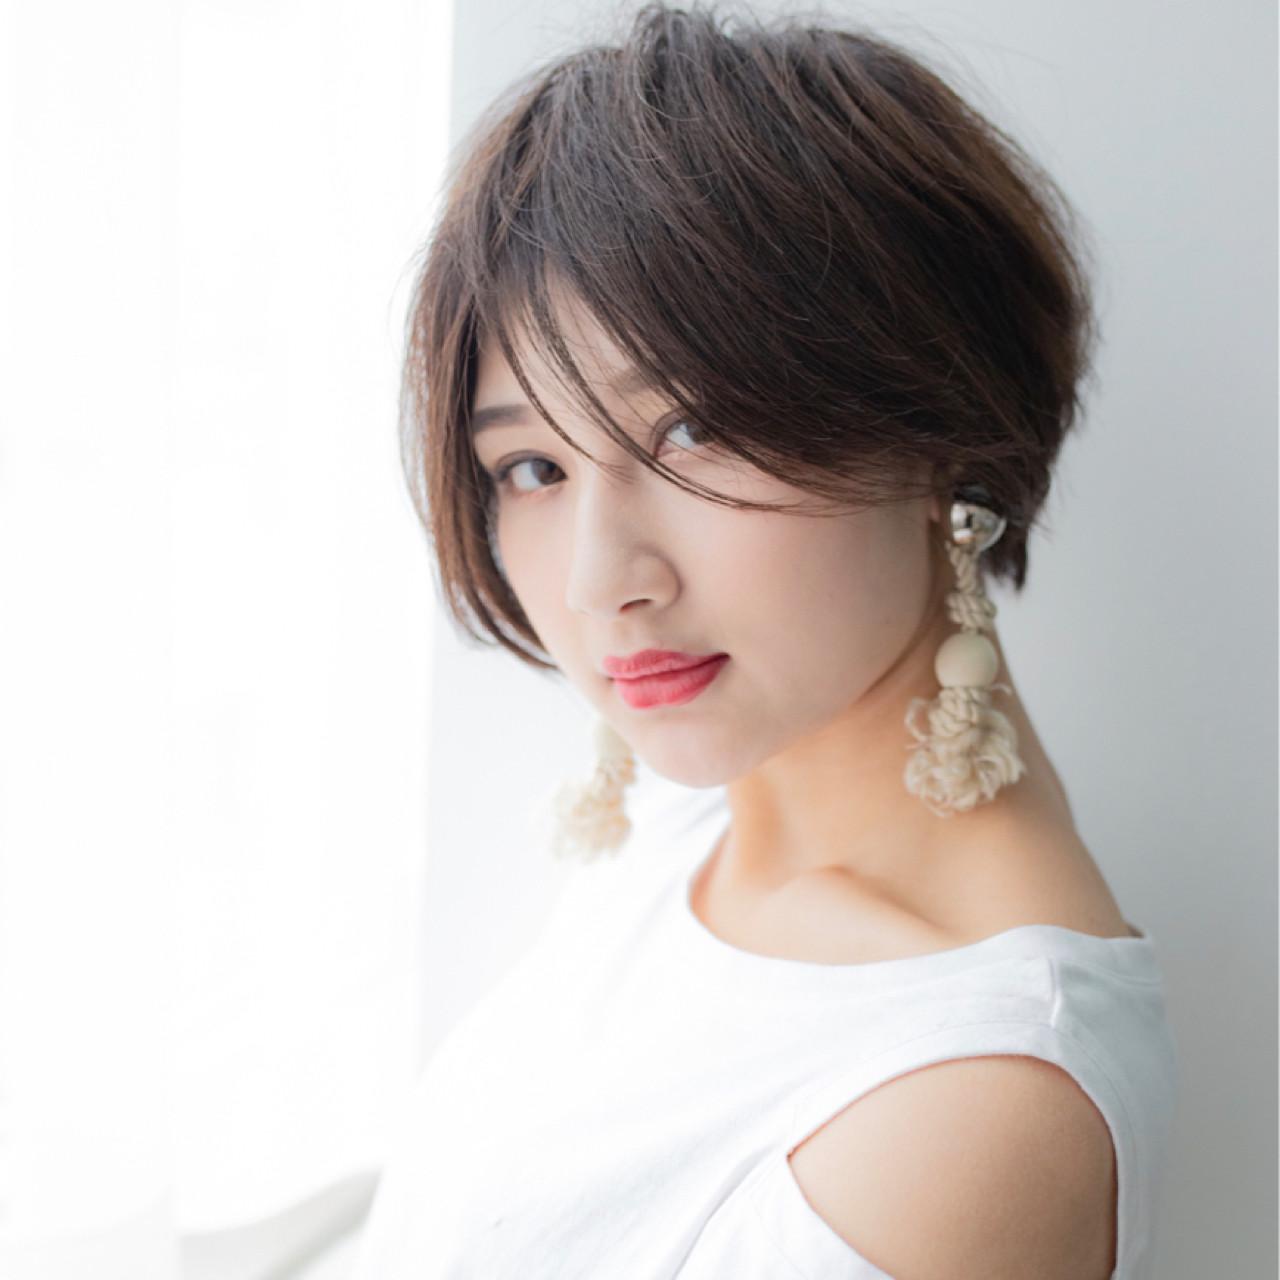 エフォートレス ゆるふわ 涼しげ 抜け感 ヘアスタイルや髪型の写真・画像 | 伊藤 大樹 / Lufeli